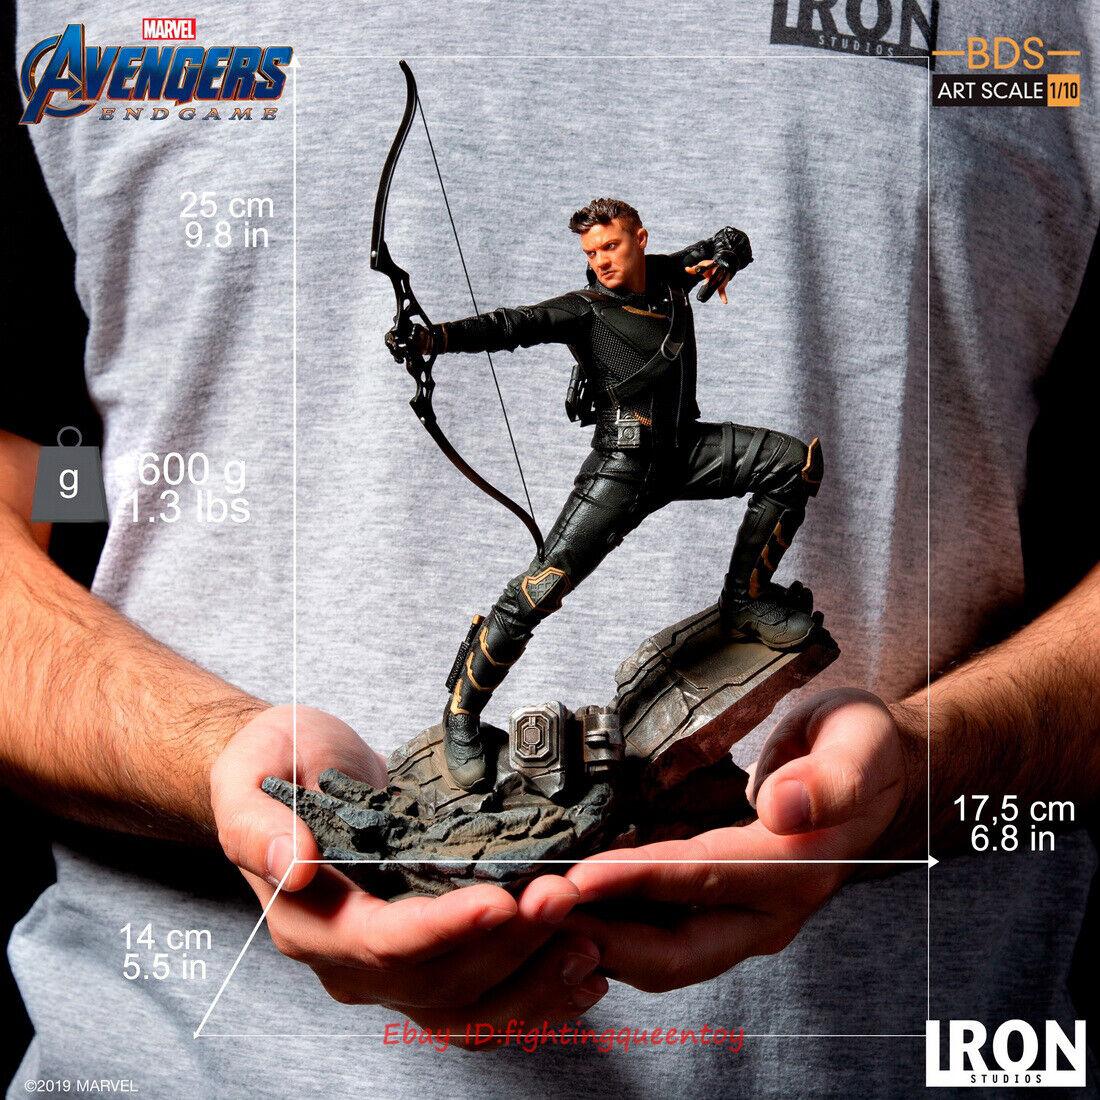 Los Vengadores Iron Studios  Tacho Hawkeye bds Arte Estatua De Escala 1 10 en existencias